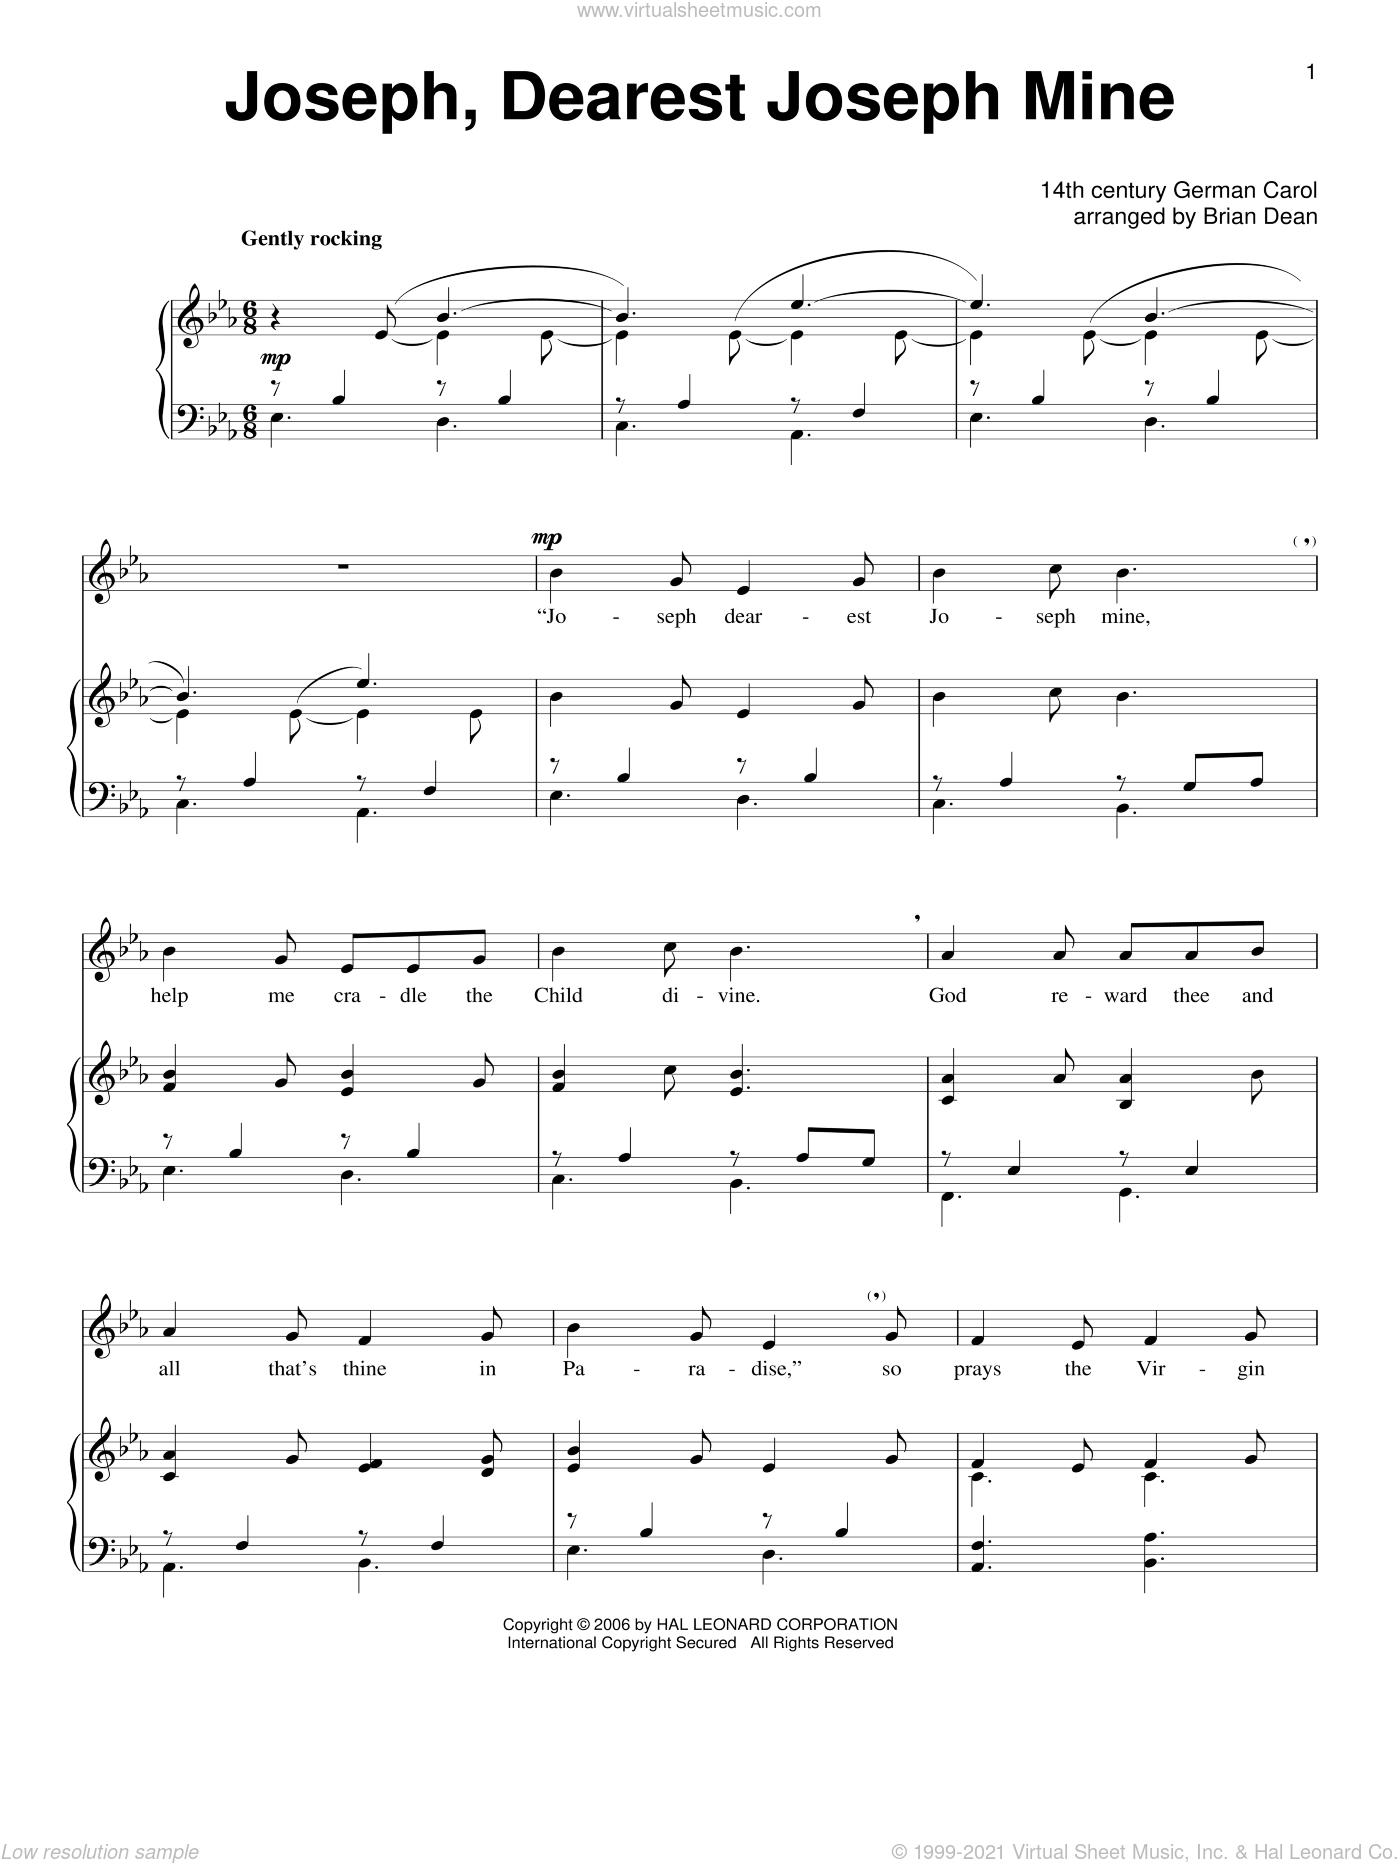 Joseph Dearest, Joseph Mine sheet music for voice and piano, classical score, intermediate skill level